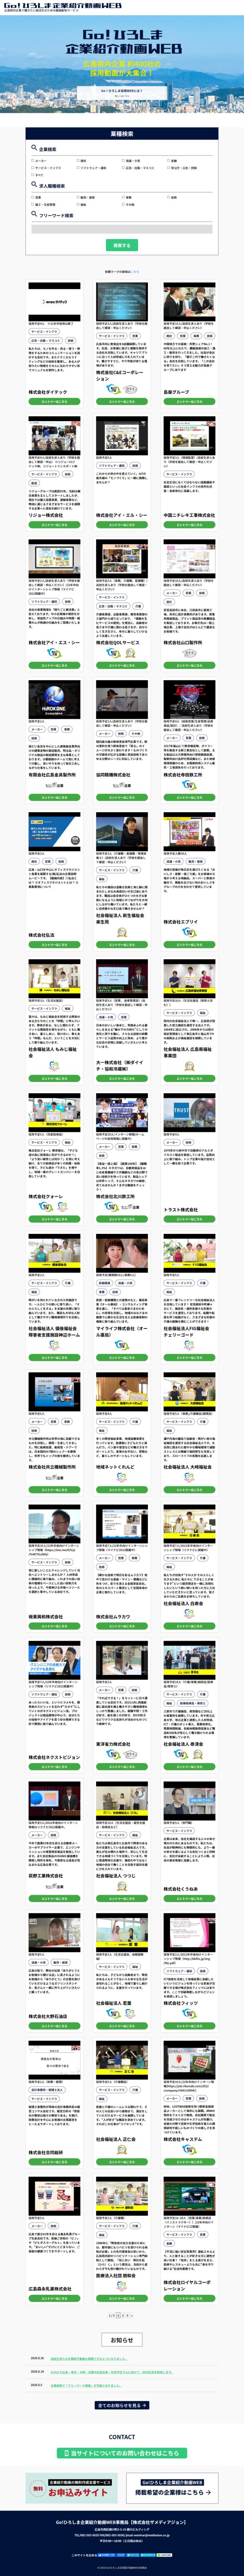 広島県内企業の企業紹介動画がいつでも観られる動画配信サービス Go!ひろしま企業紹介動画WEB 様